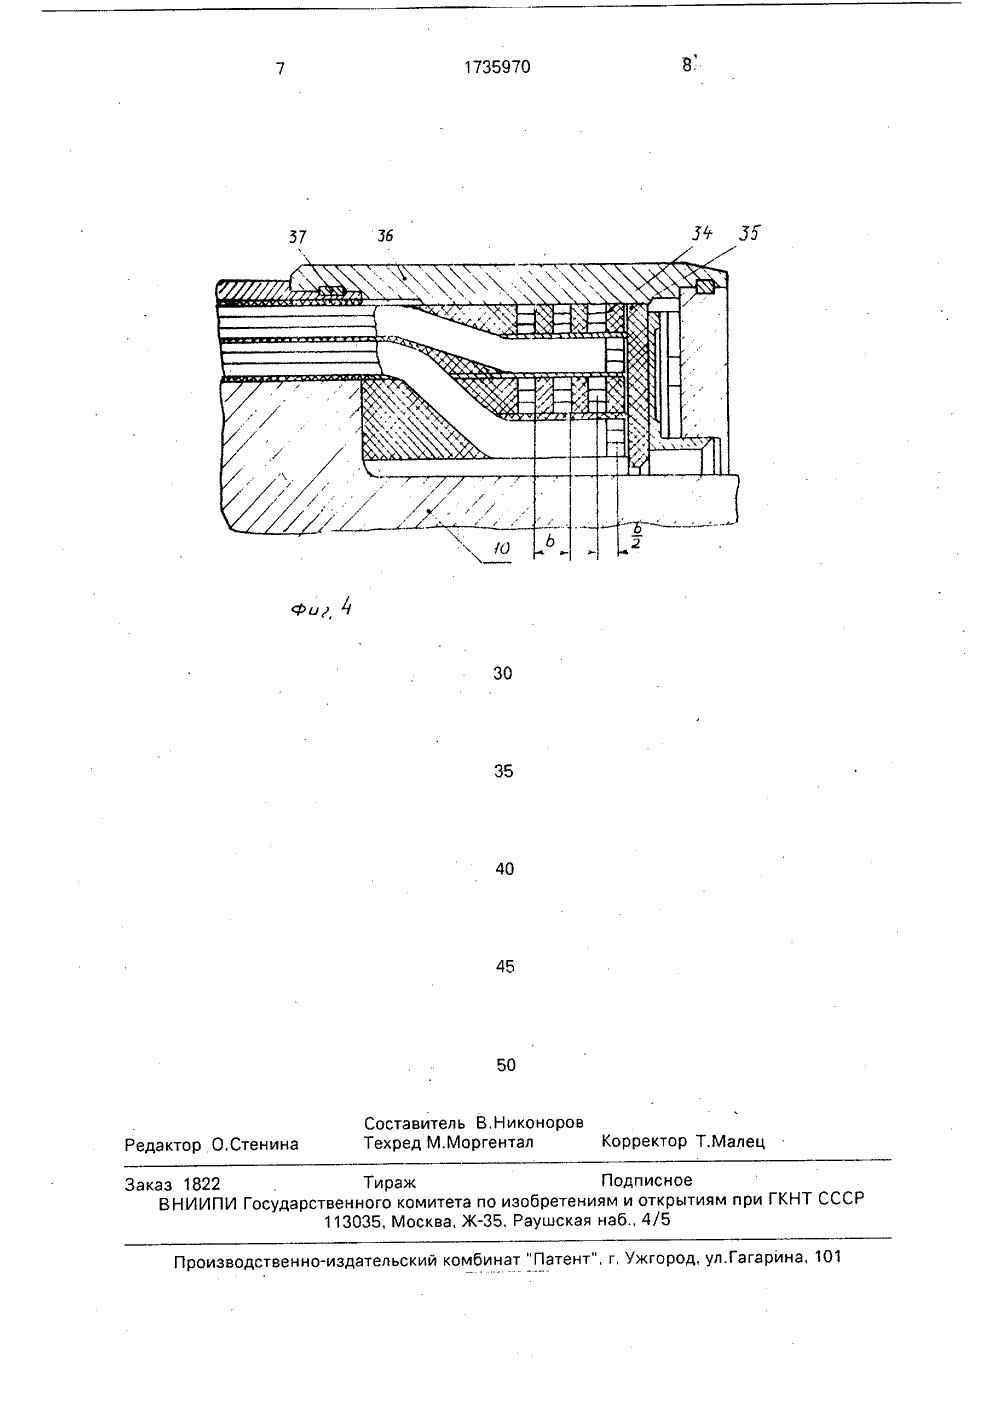 схема магнитопровода турбогенератора